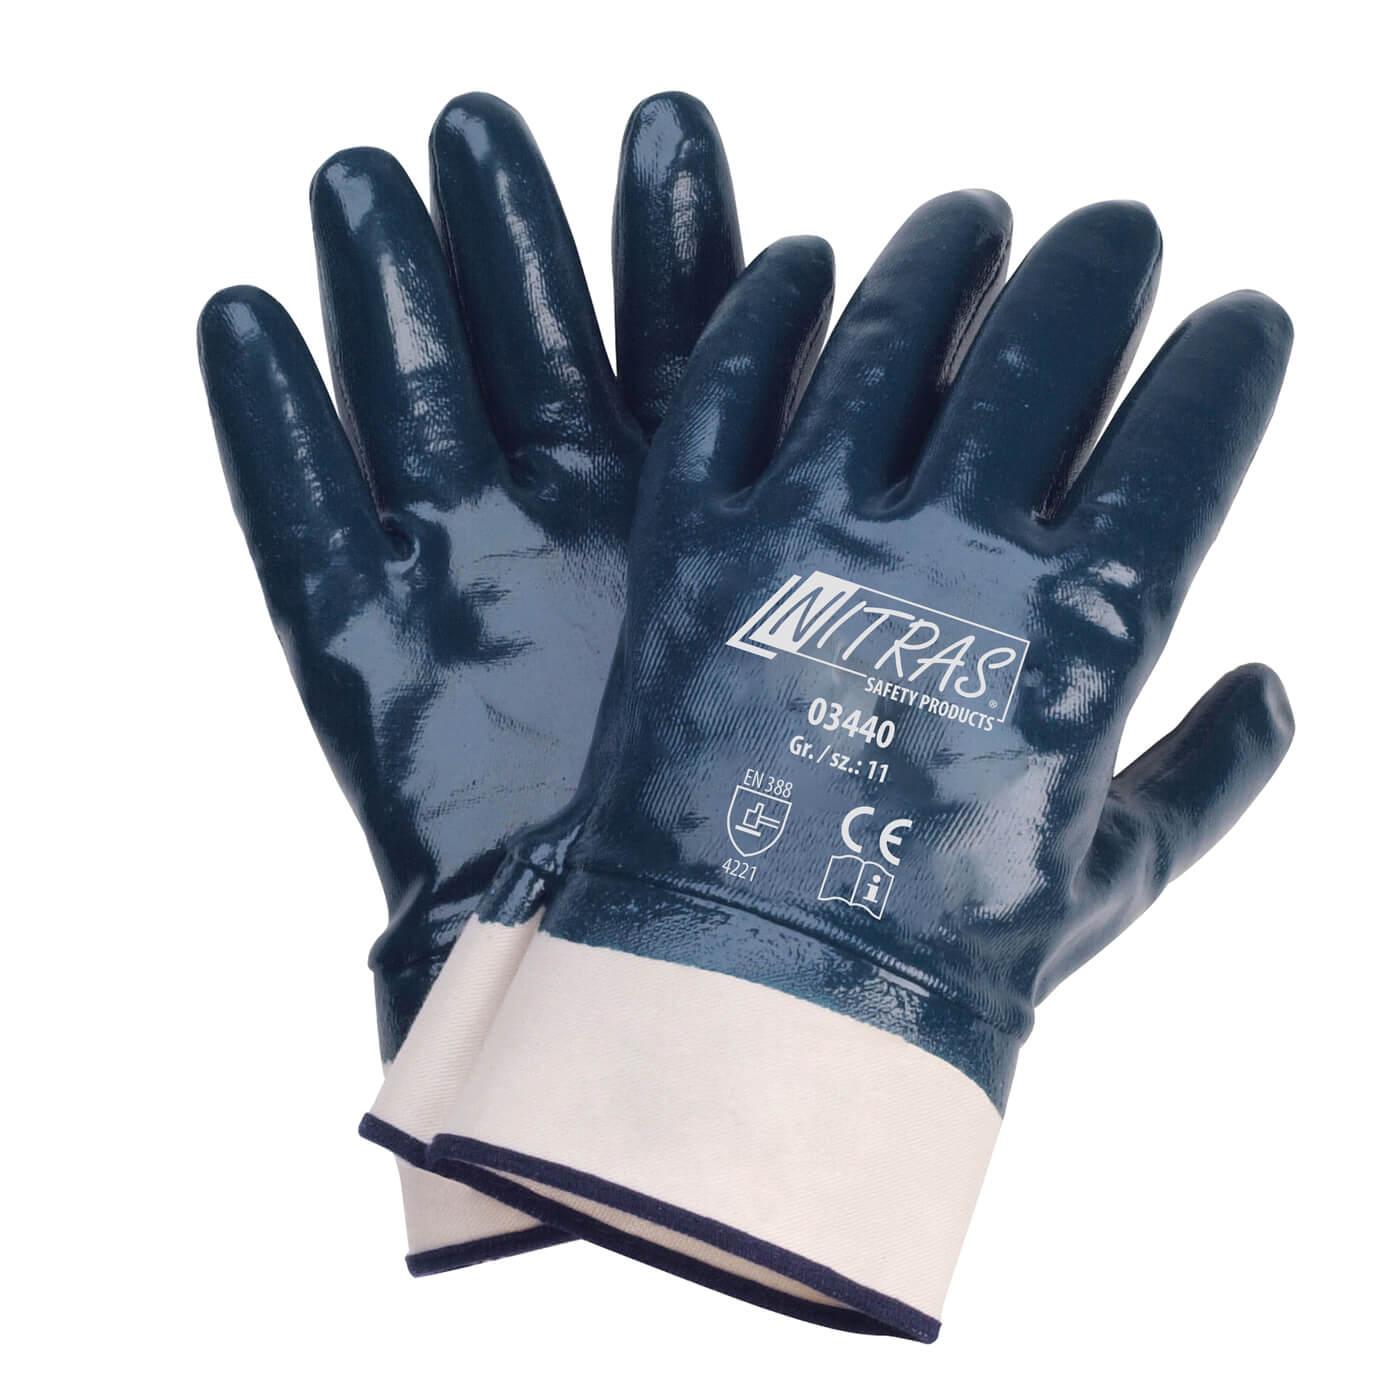 Rękawice nitrylowe Nitras 03440